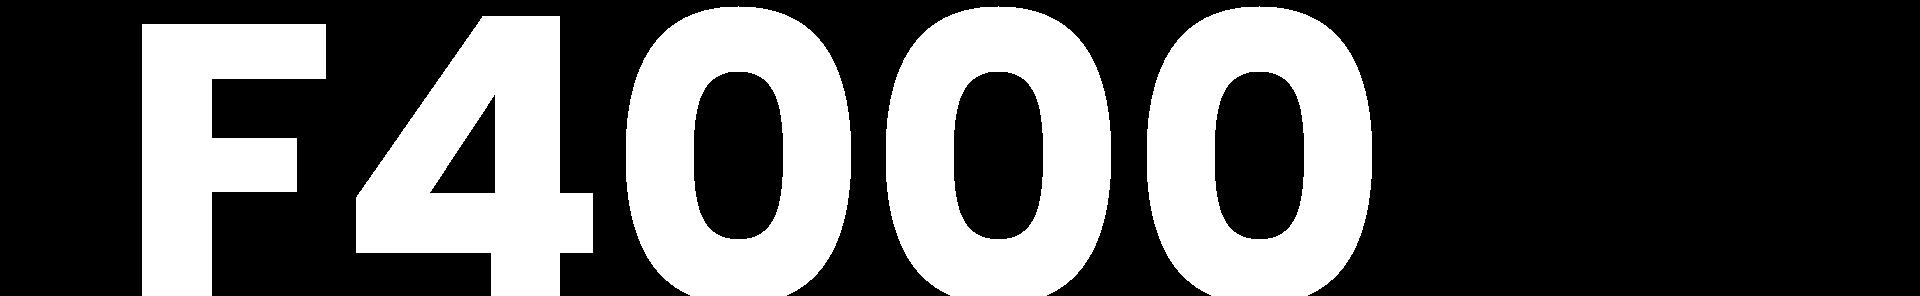 F4000_Background_Freshfilter